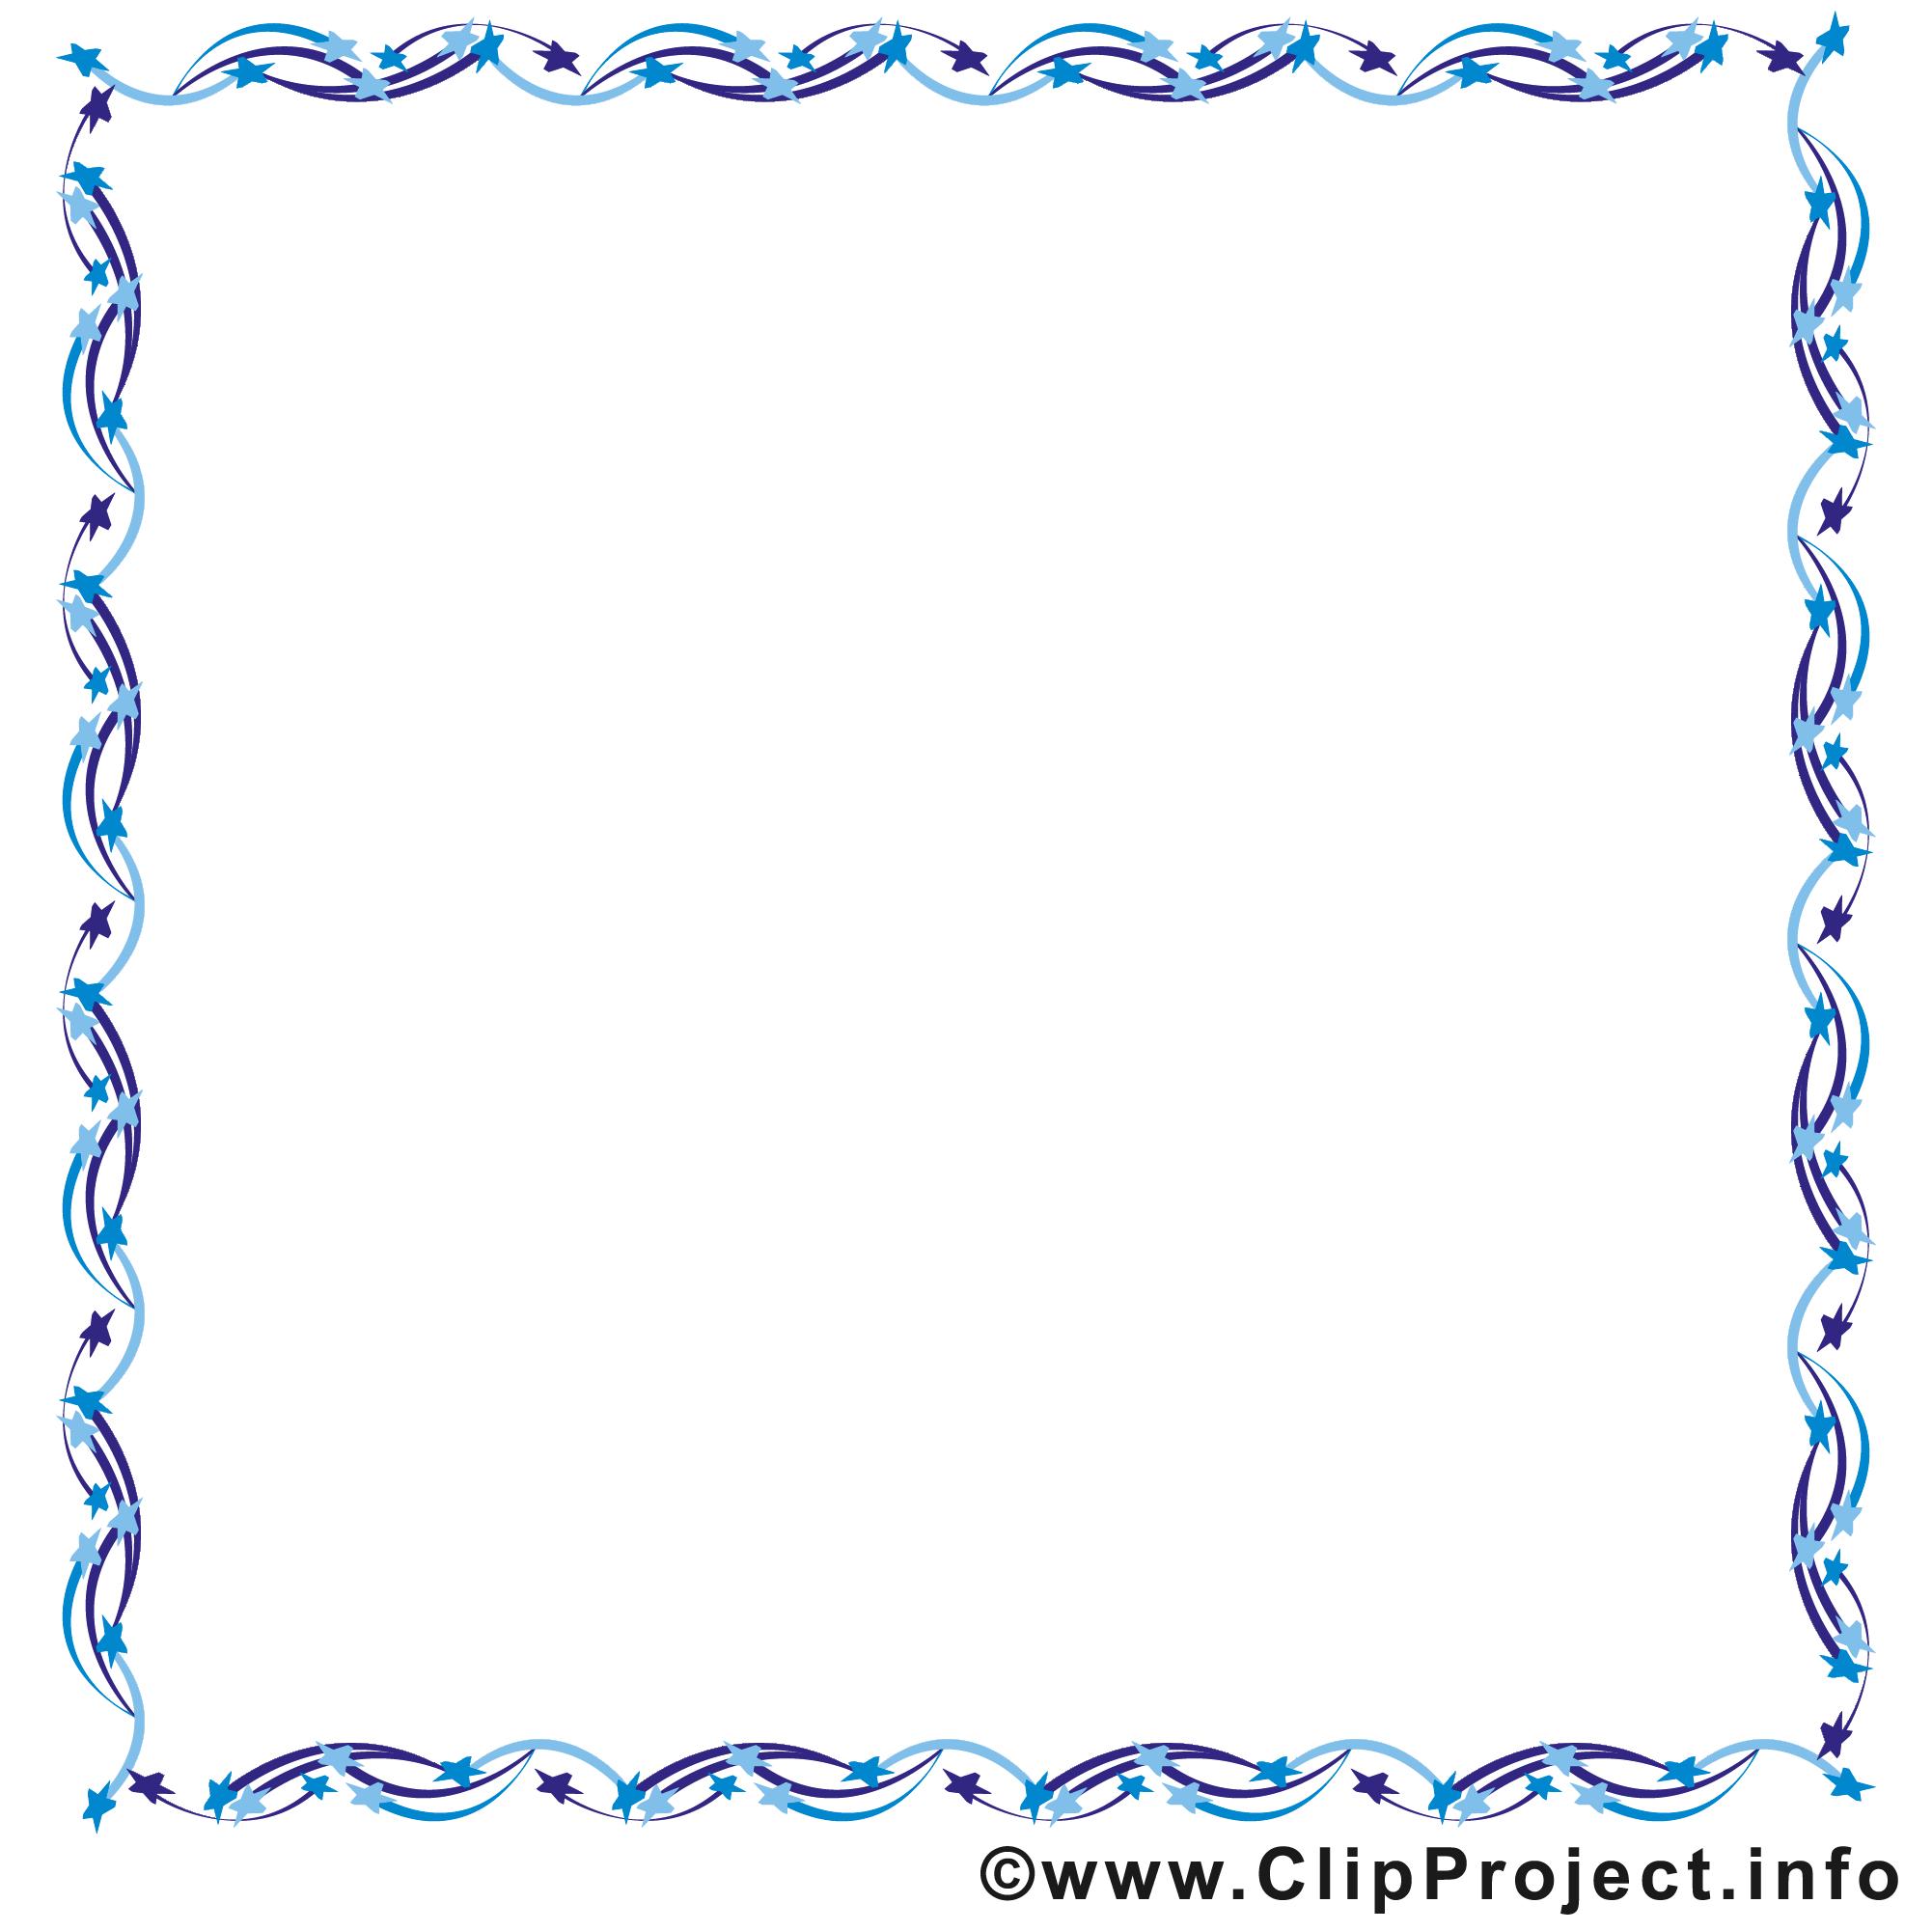 Étoiles illustration gratuite – Cadre clipart